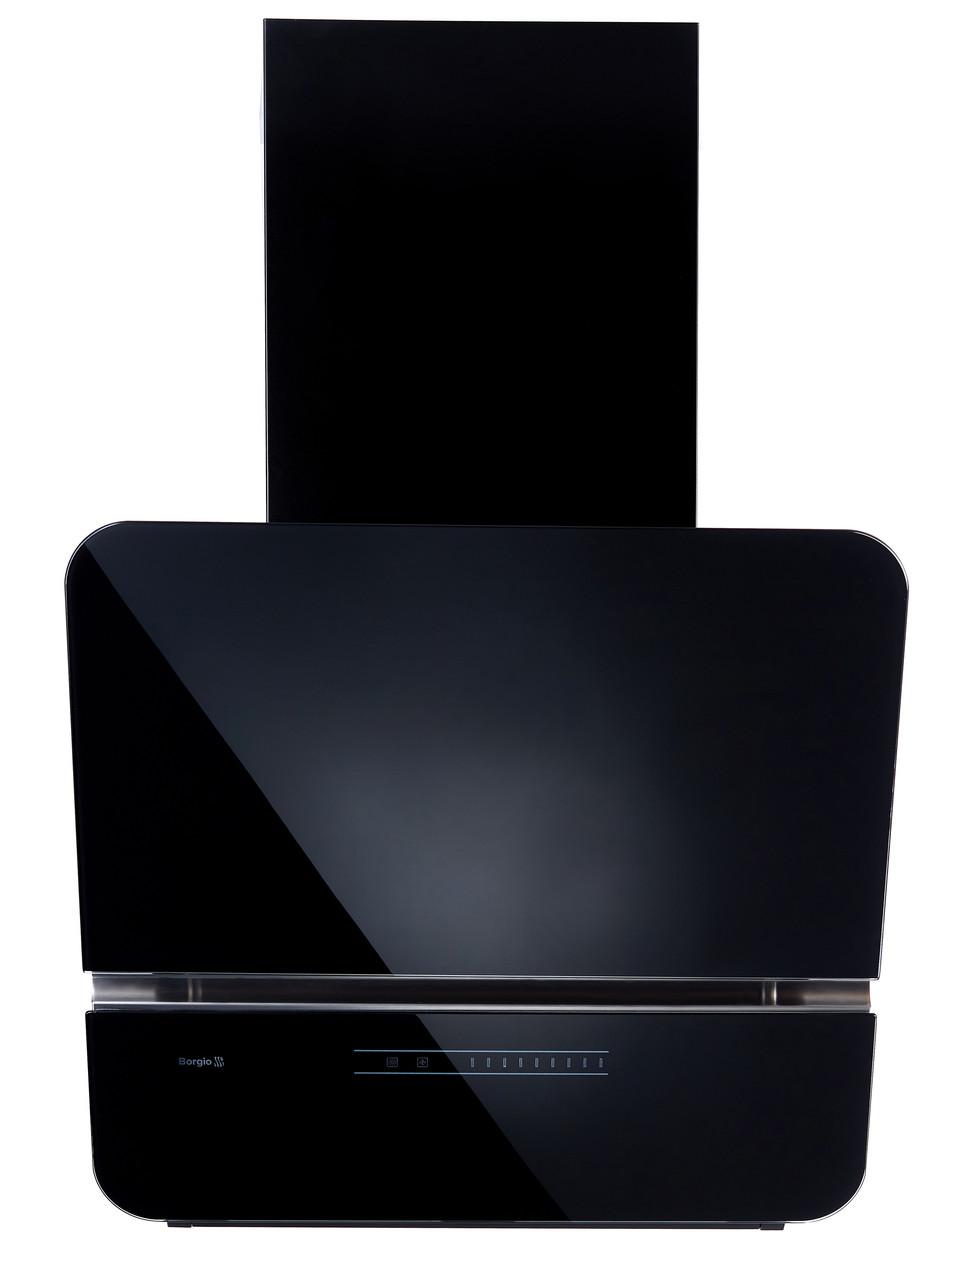 Вытяжка наклонная декоративная BORGIO RNT-LX 60 black SU (1300 м/куб) (черное стекло)